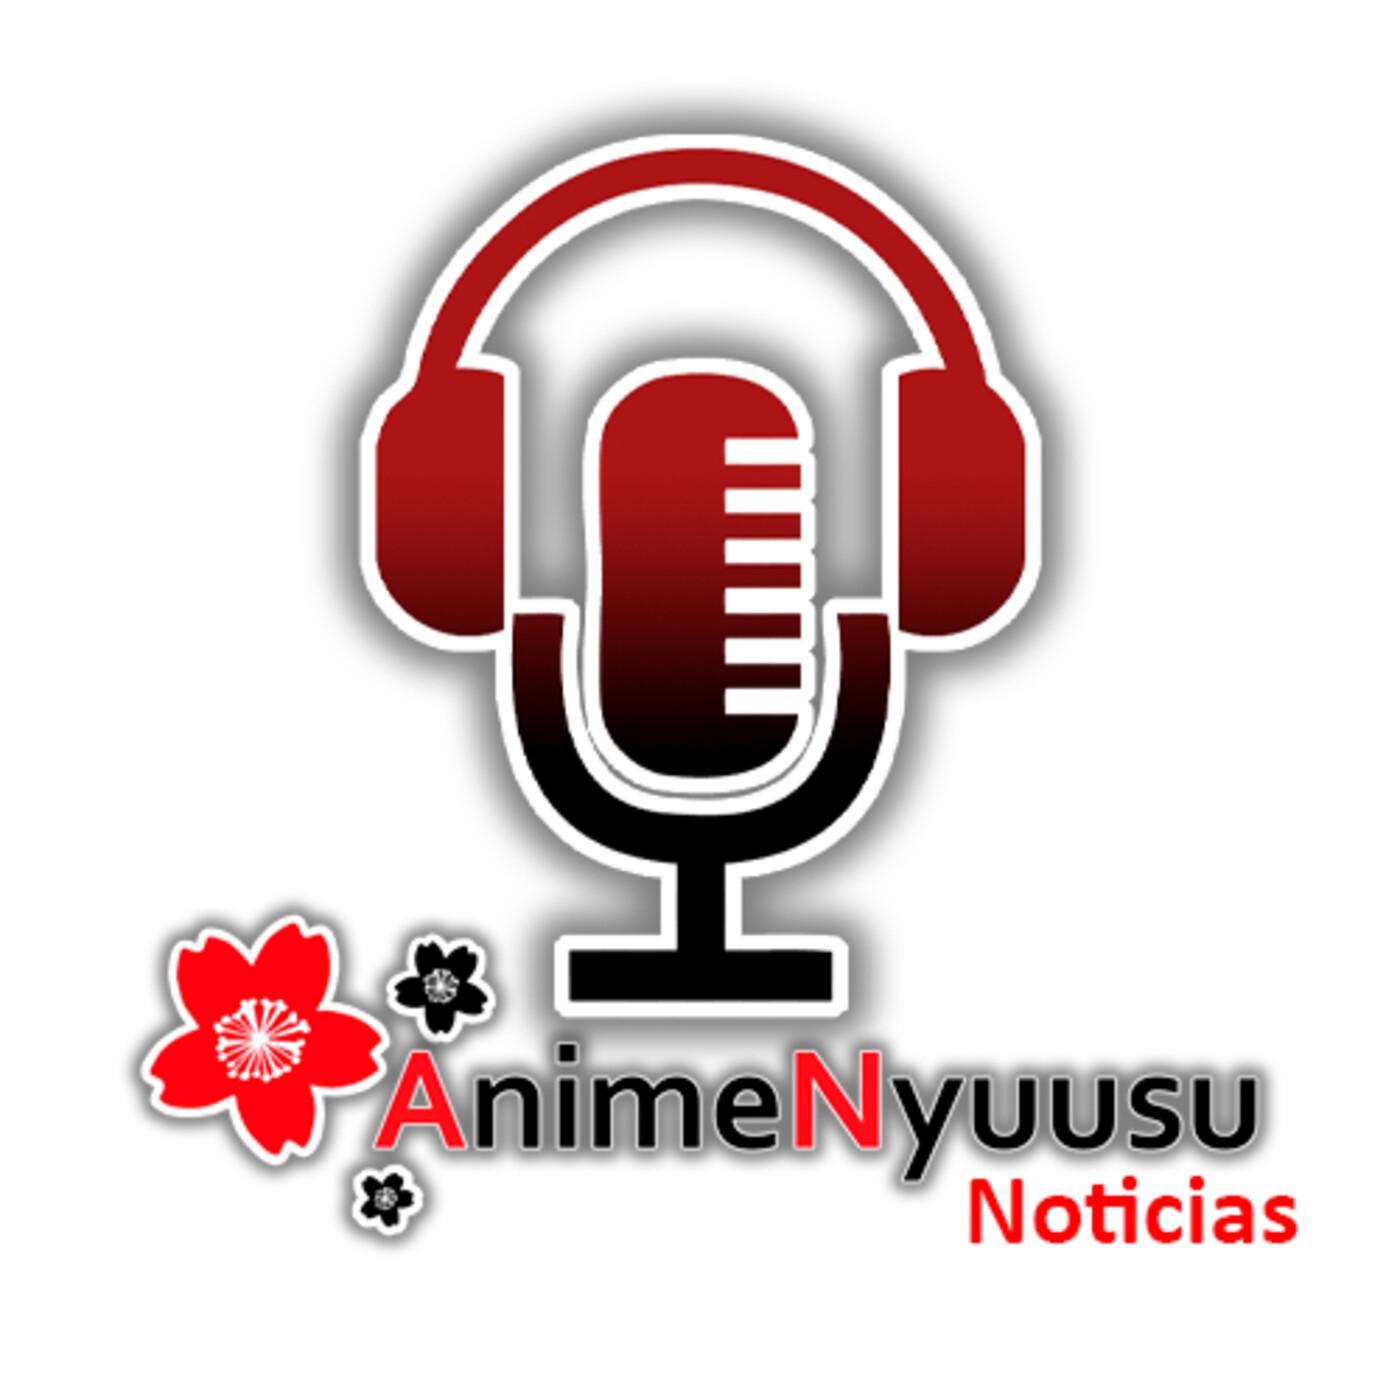 Anime Nyuusu Noticias #12 | Yōjo Senki finaliza | Crunchyroll y Adult Swim con nuevos proyectos